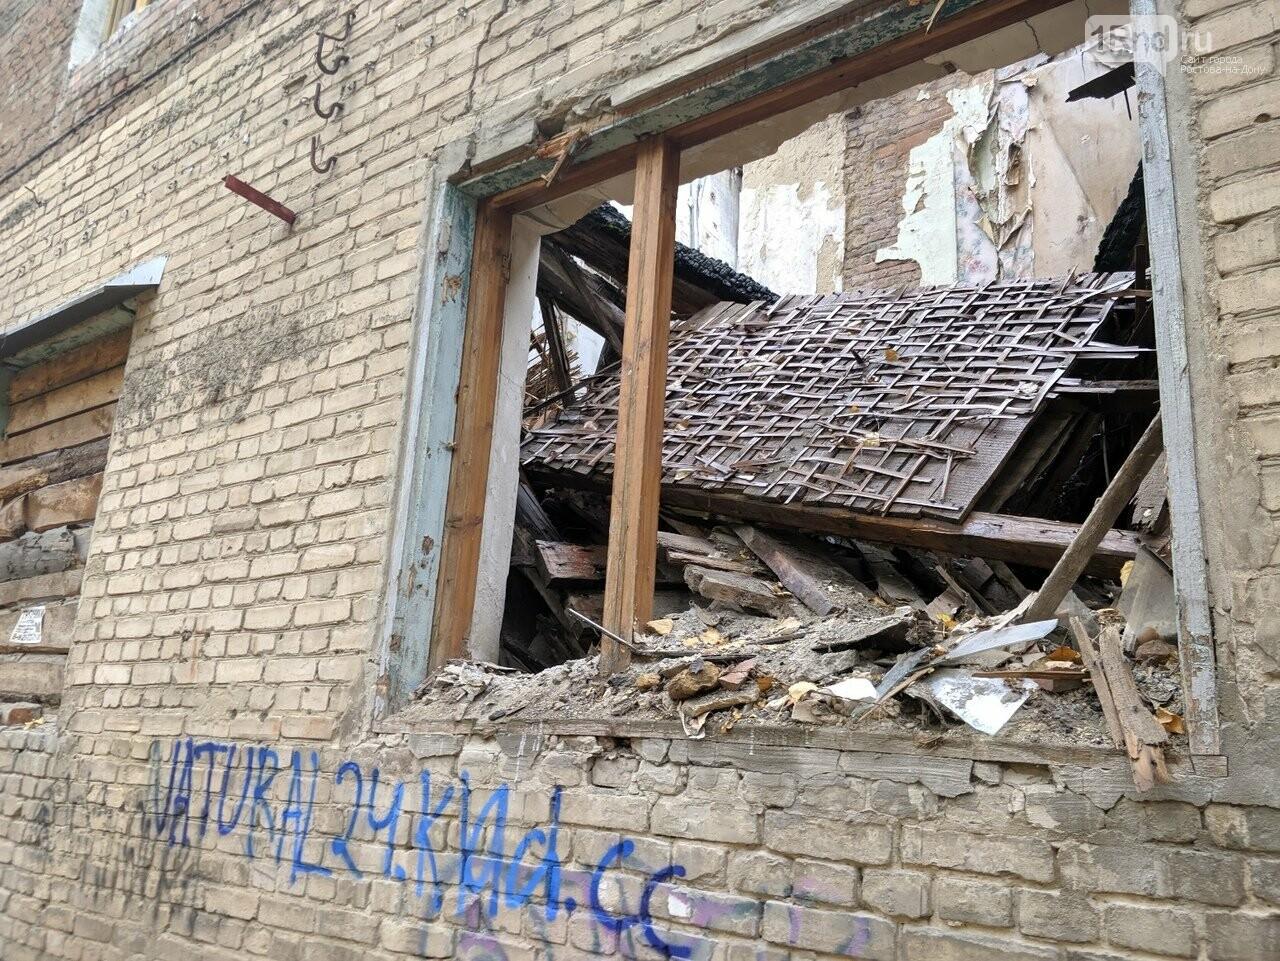 Путь к знаниям: как ростовские школьники добираются до своих школ, фото-9